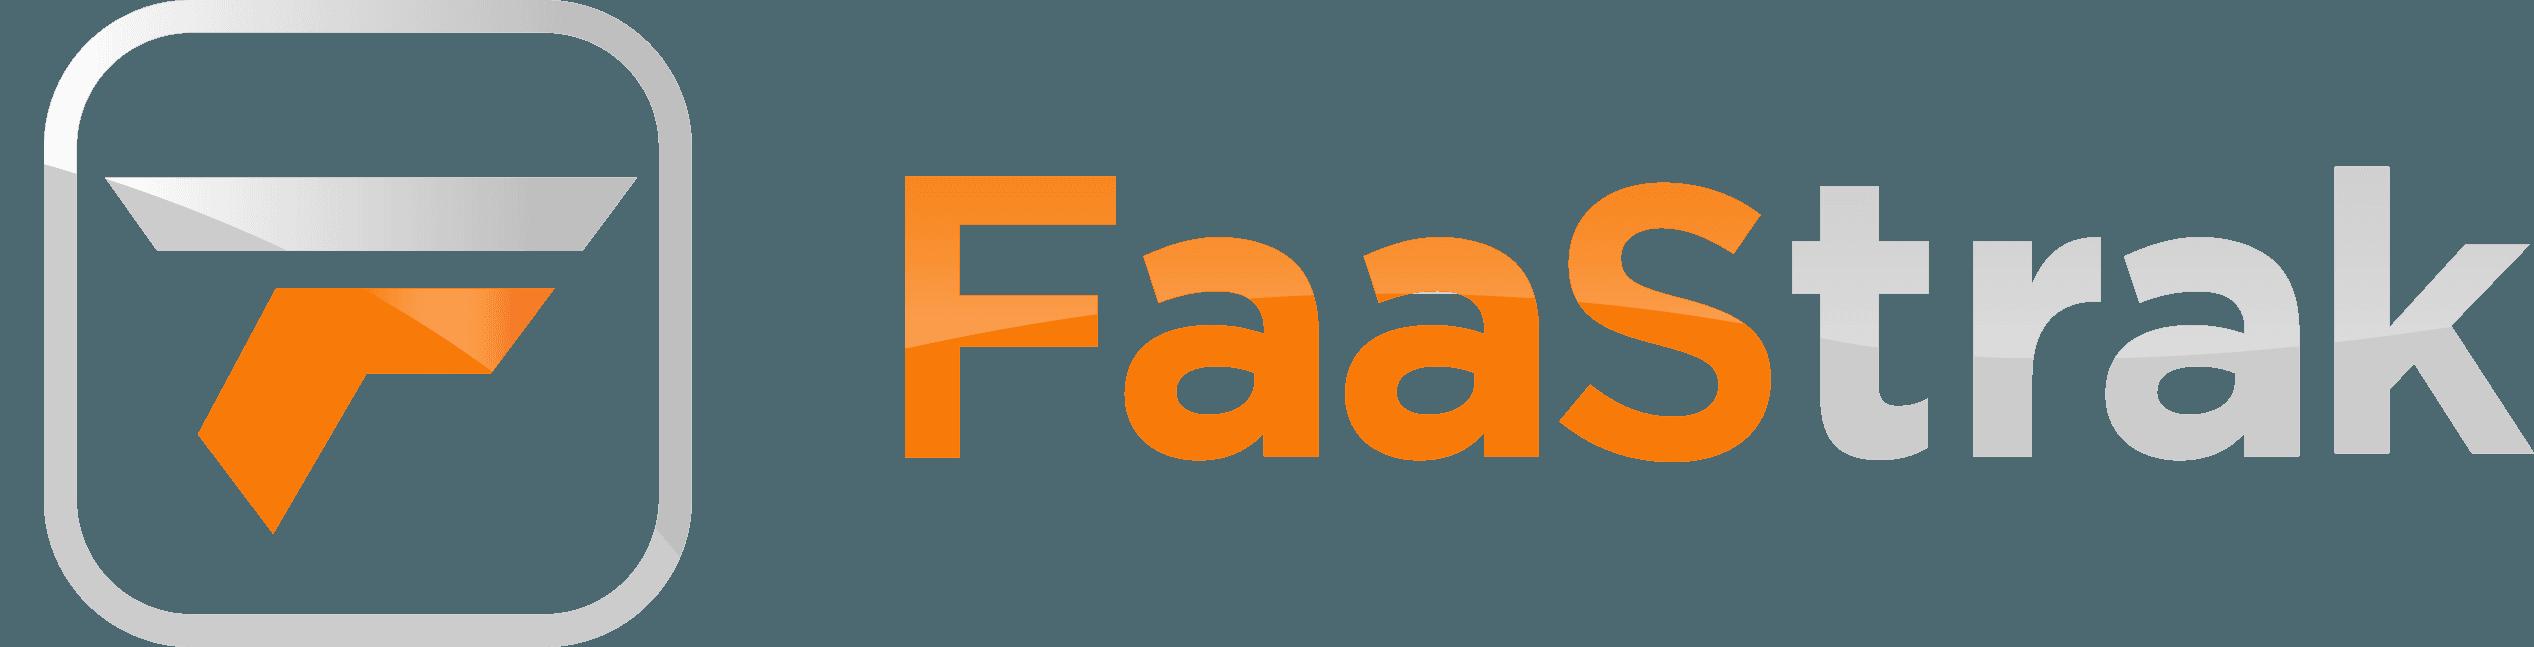 faastrak-logo.png